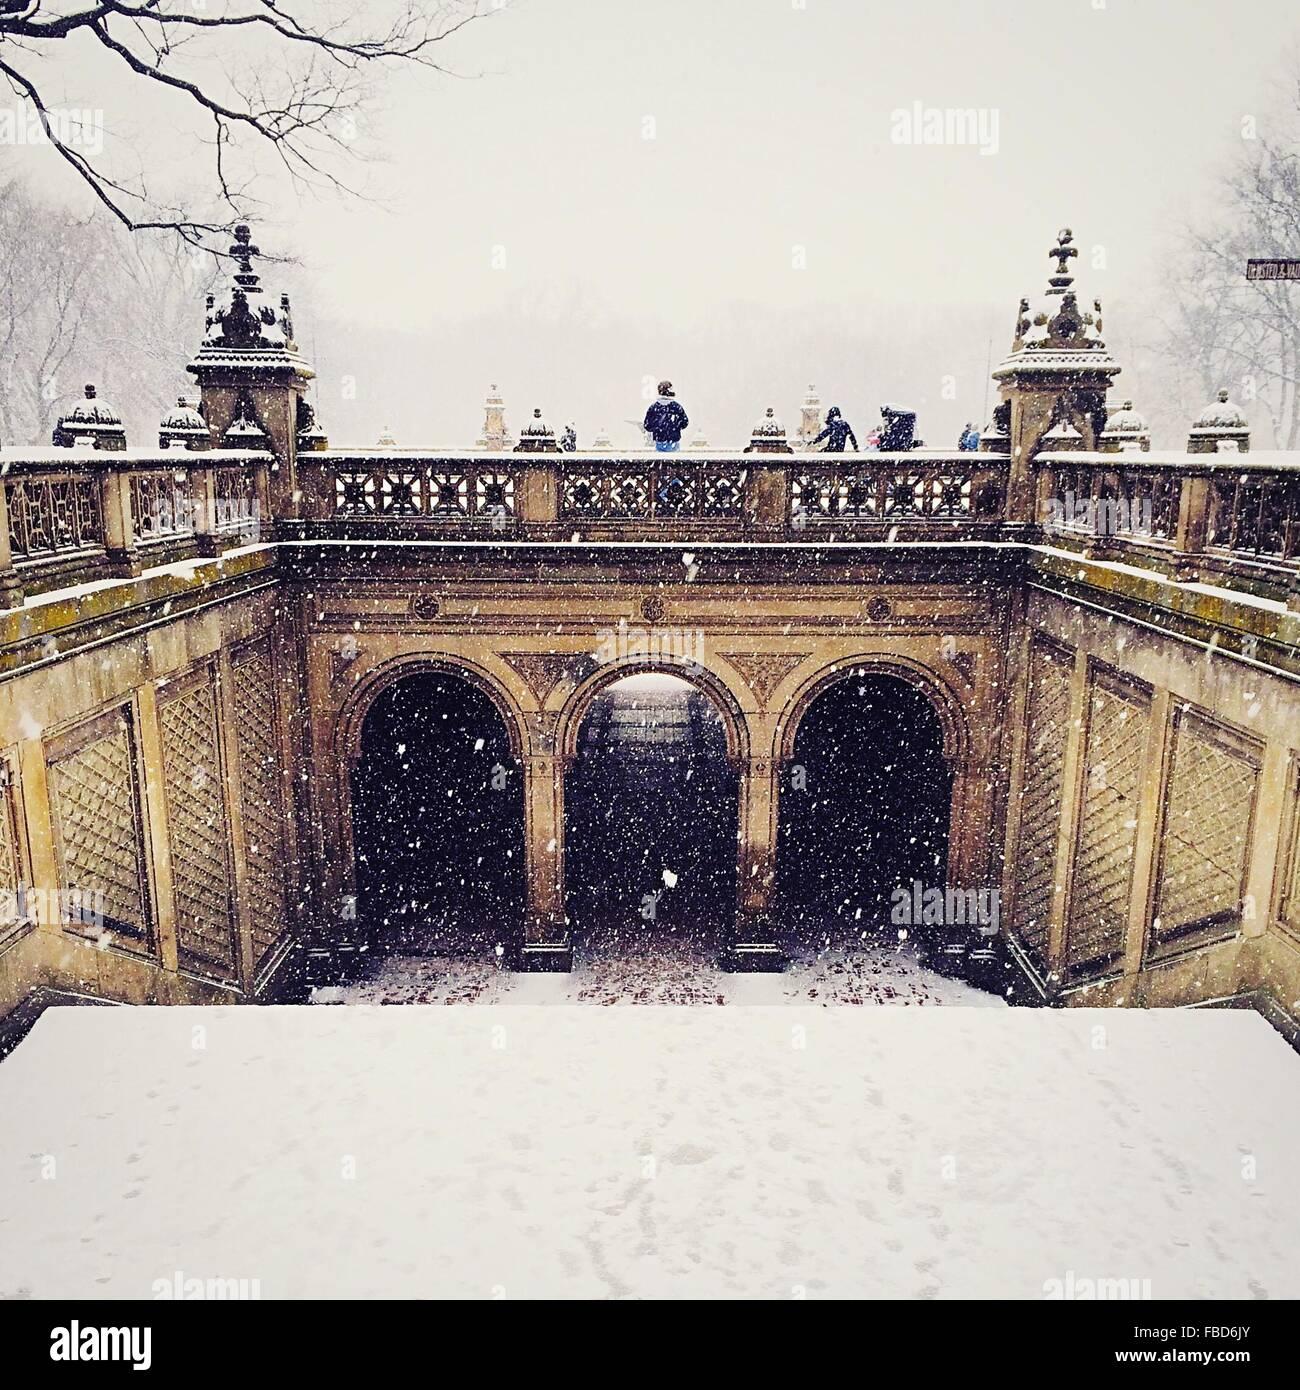 La gente en el puente de nieve contra el cielo claro Imagen De Stock